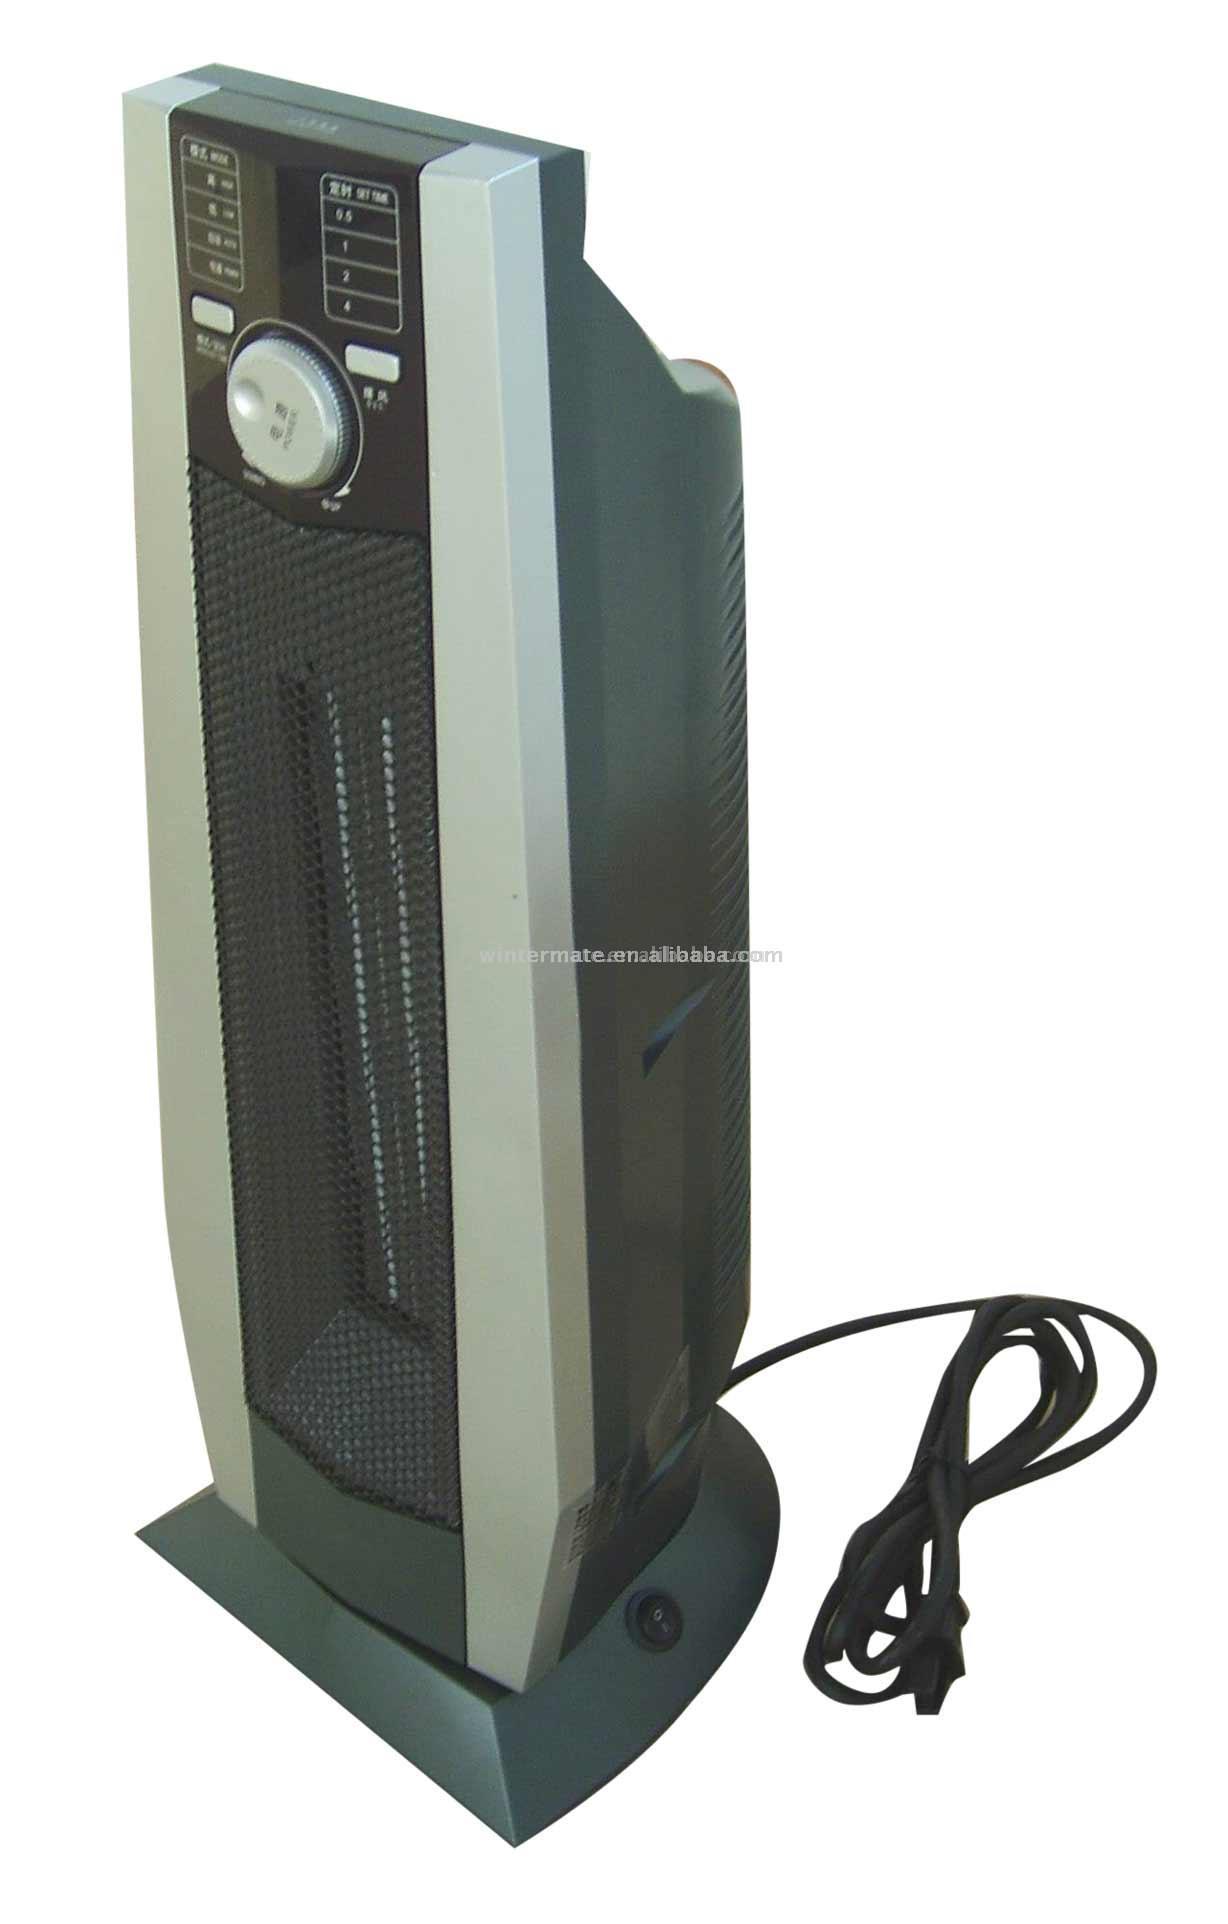 PTC Ceramic Heater (Керамический нагреватель PTC)